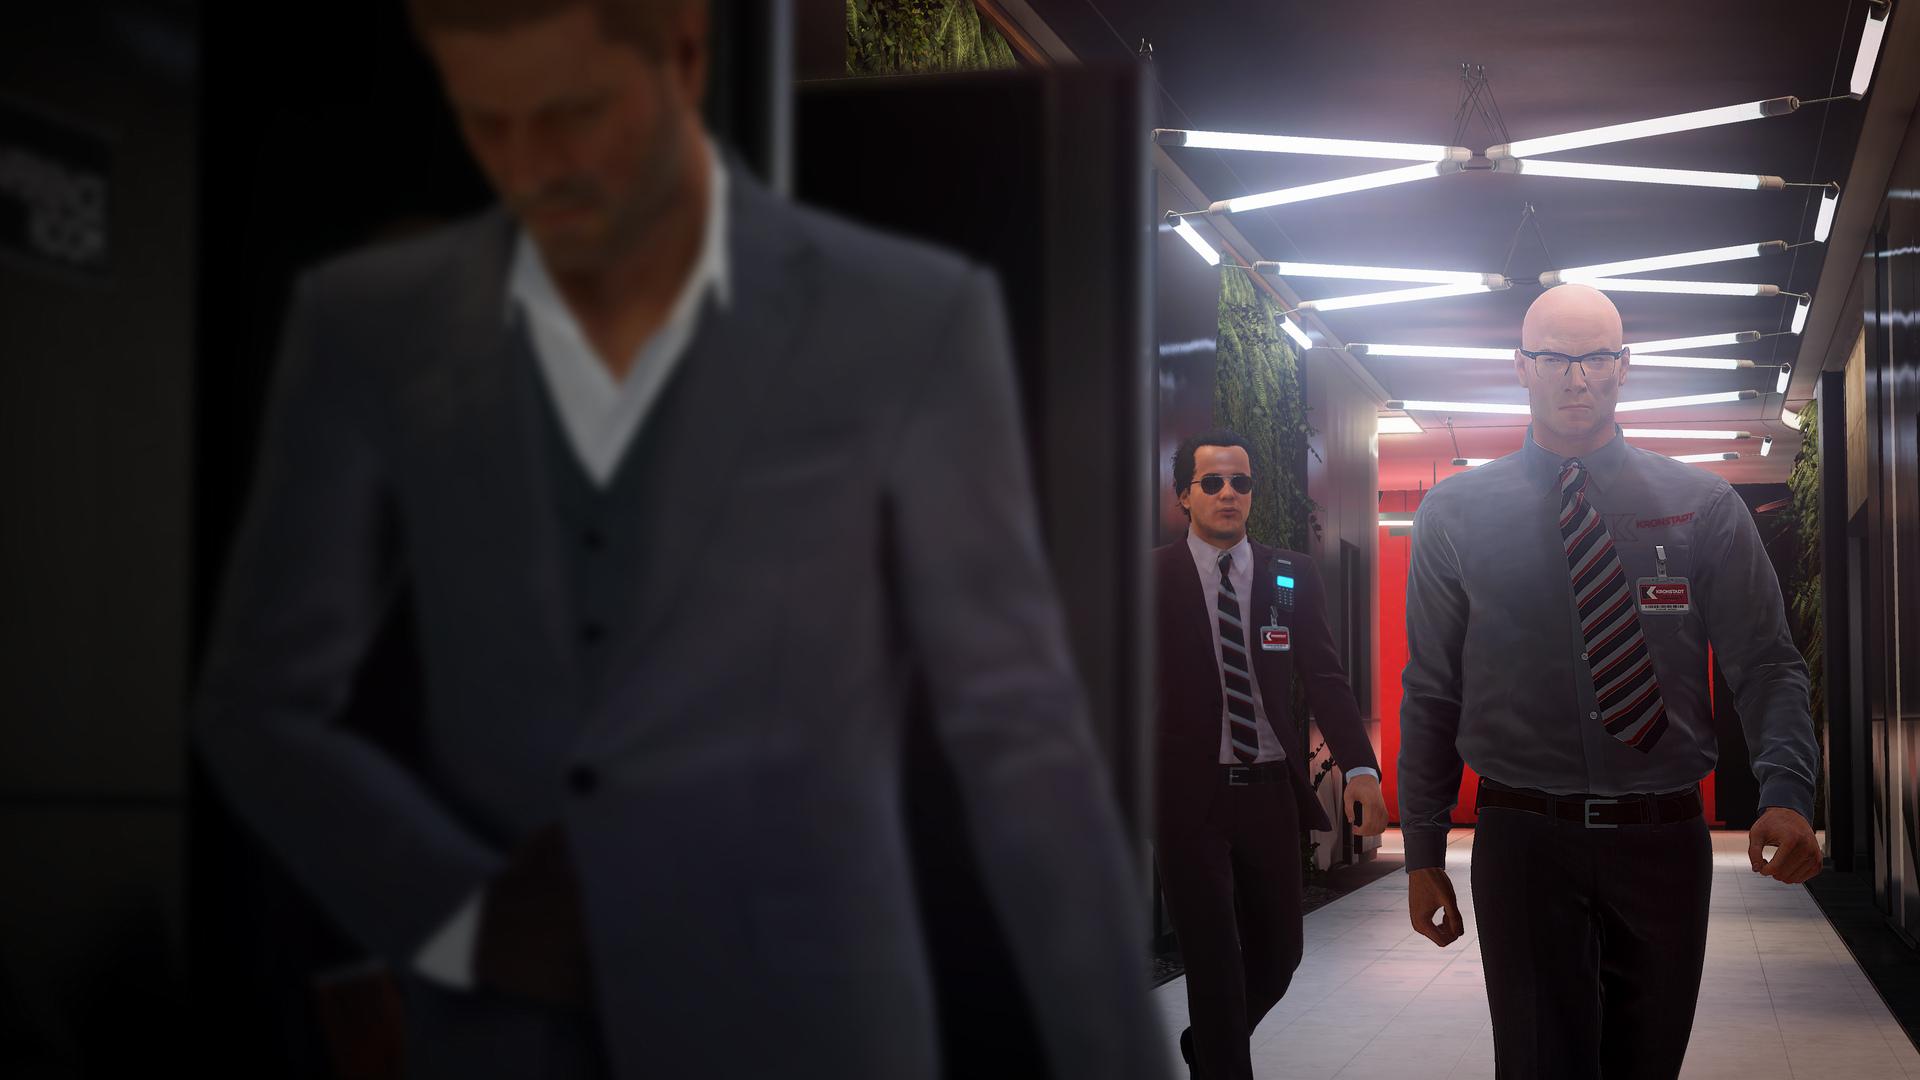 《杀手2》新截图 首次展示肖恩宾饰演的角色